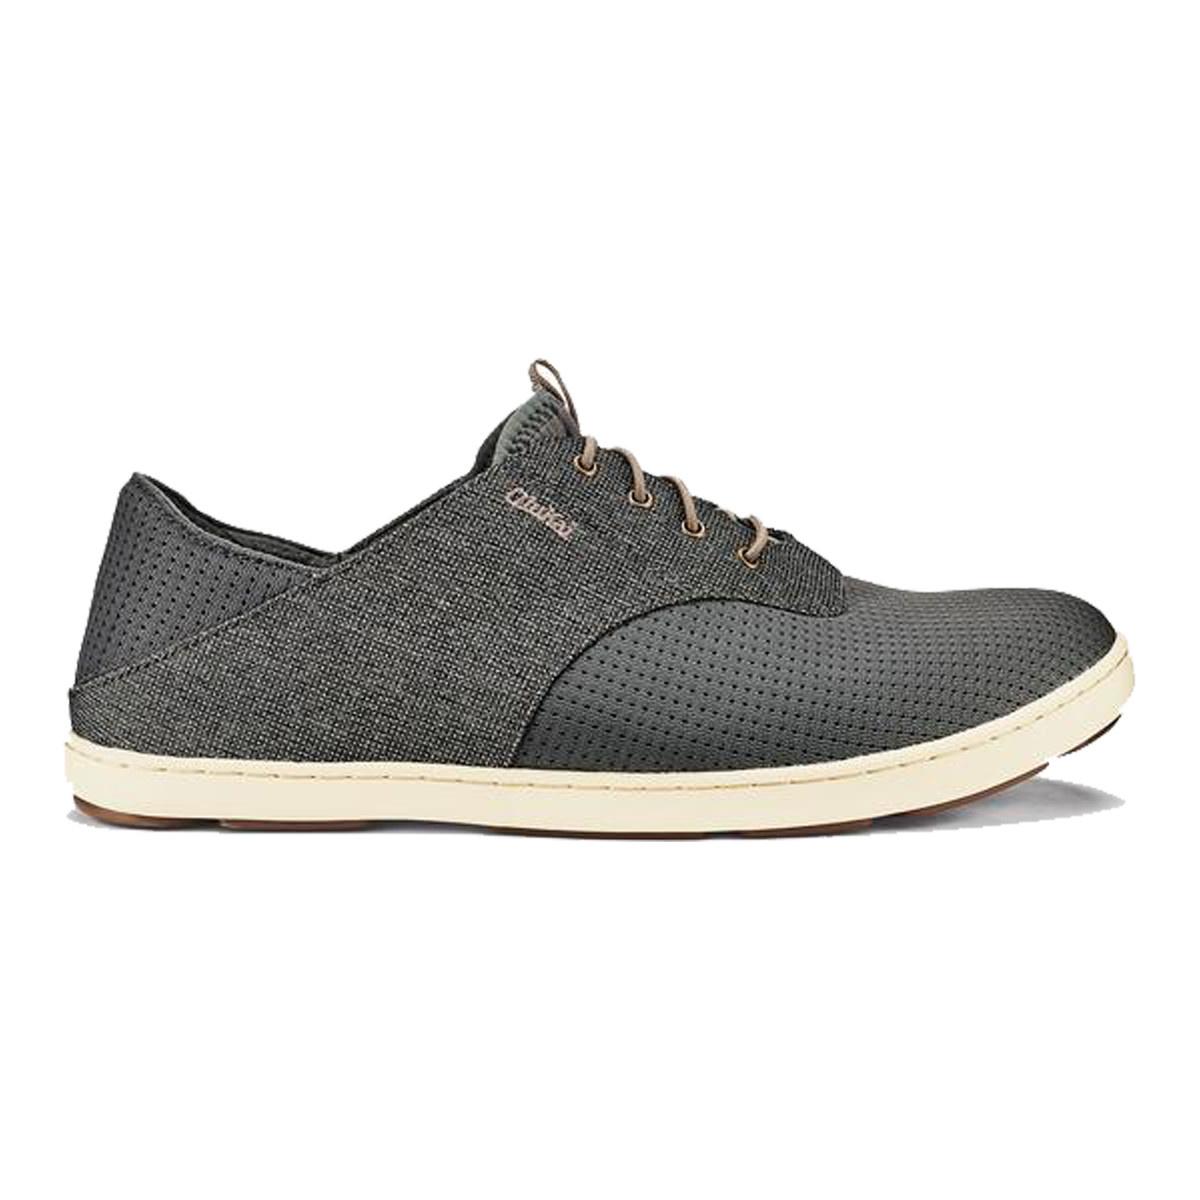 OluKai OluKai Men's Nohea Moku Sneaker Charcoal/Clay